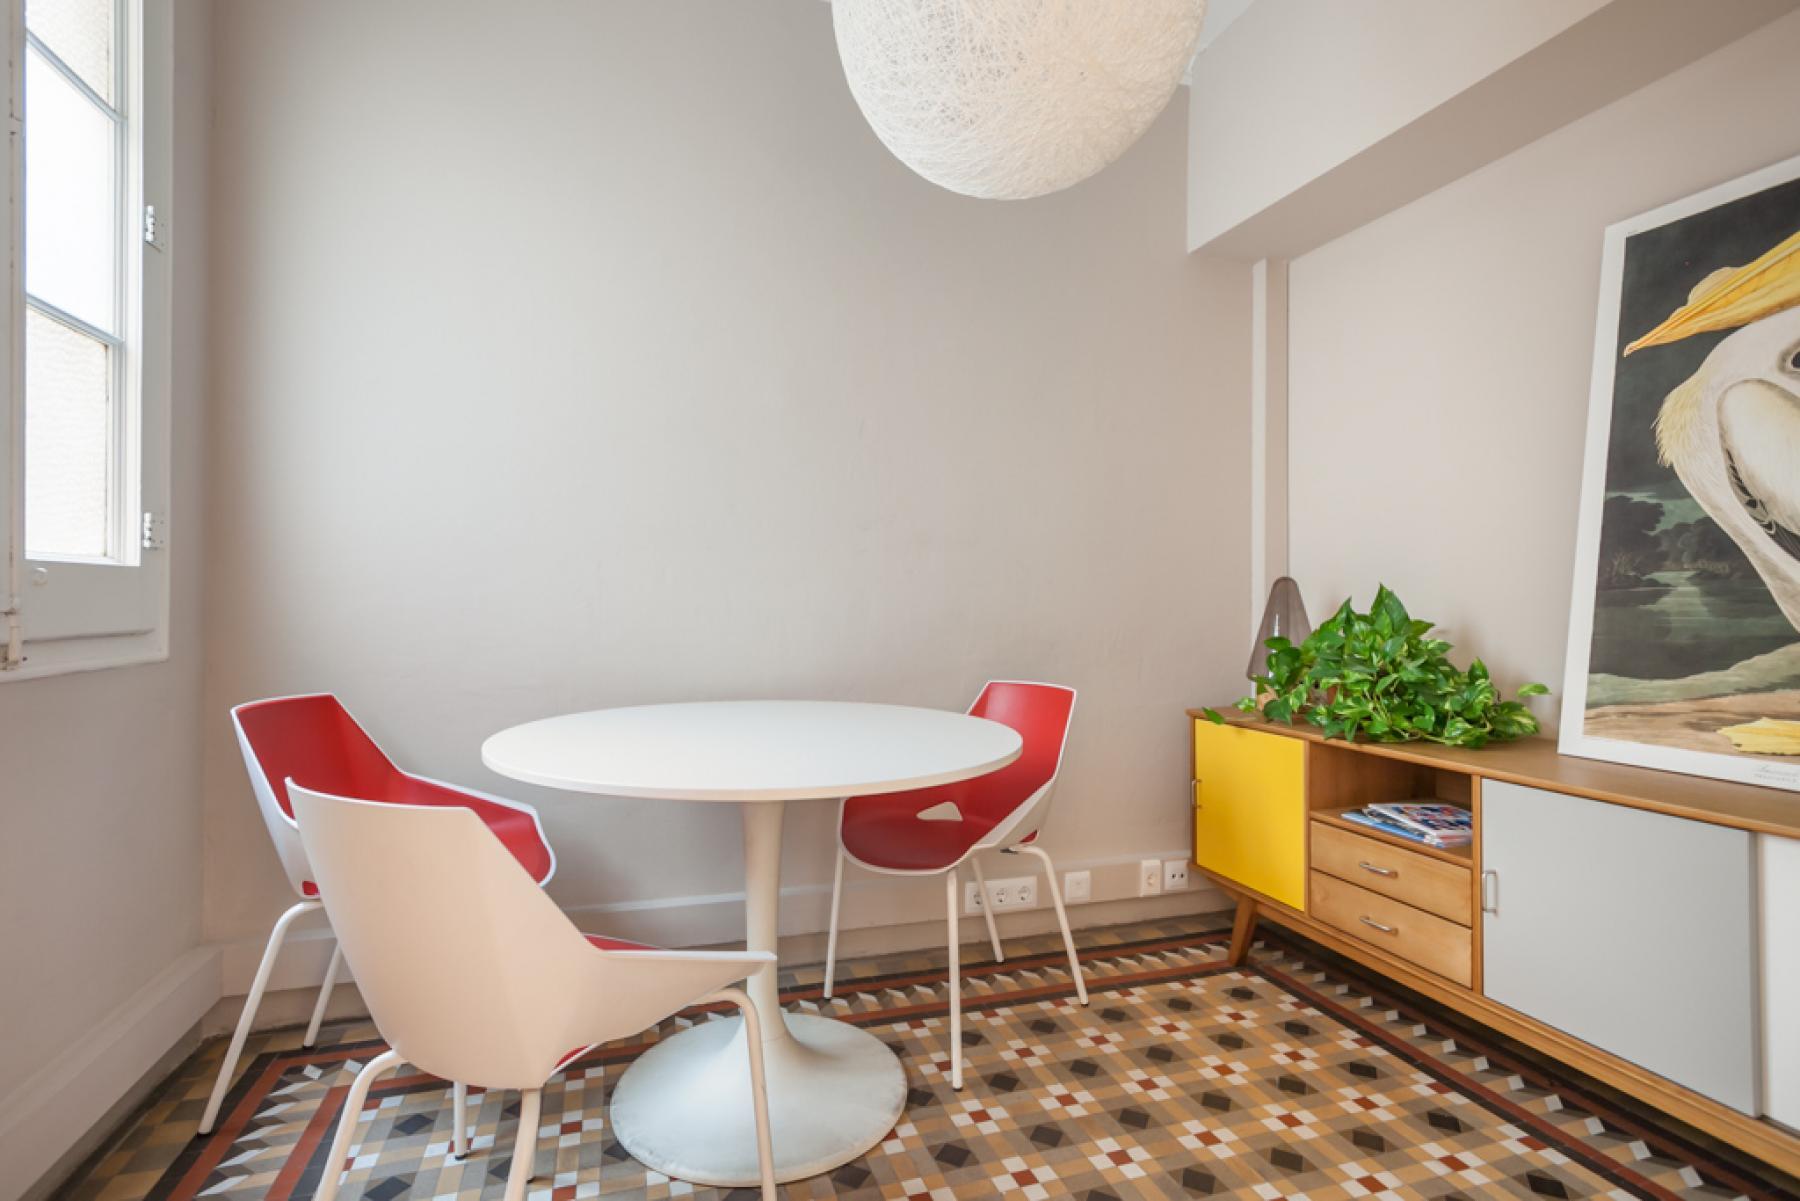 Alquilar oficinas Rambla de Catalunya 125, 3º, 2ª 125, Barcelona (9)